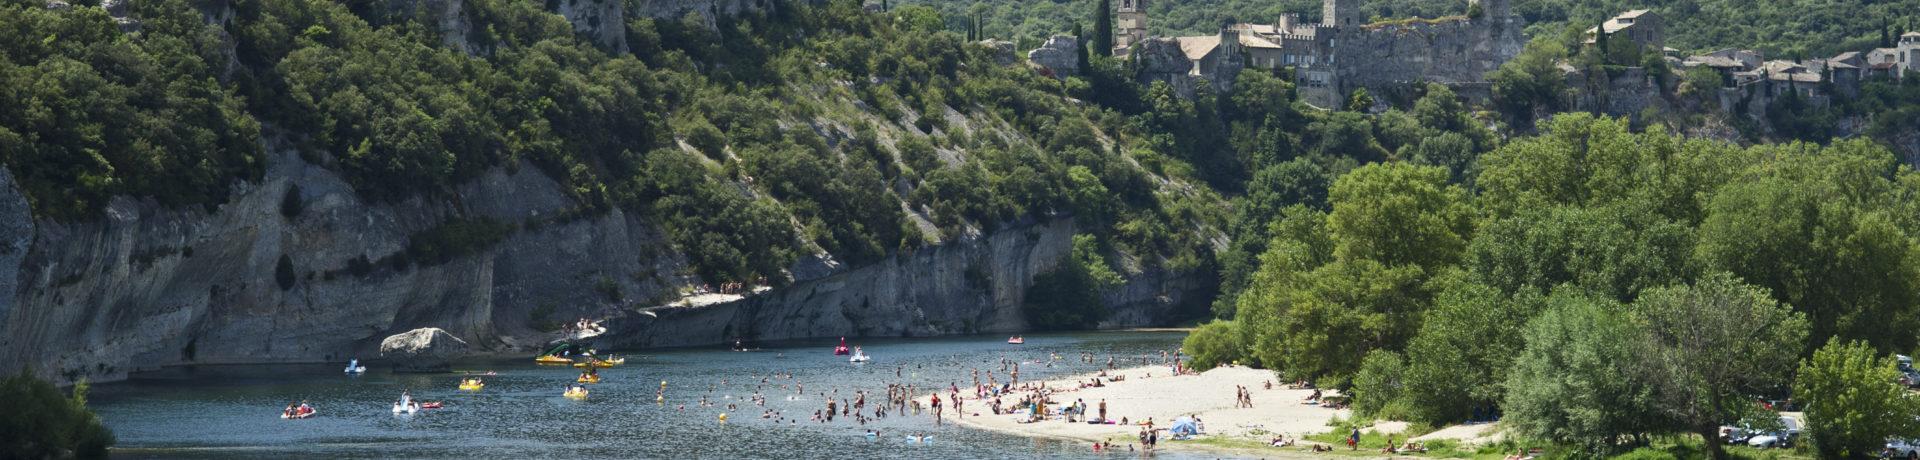 Fraaie natuurcamping aan de rivier de Ardèche ideaal voor liefhebbers van zwemmen, wandelen en nietsdoen, gunstige ligging vlakbij de Gorges de l'Ardèche.